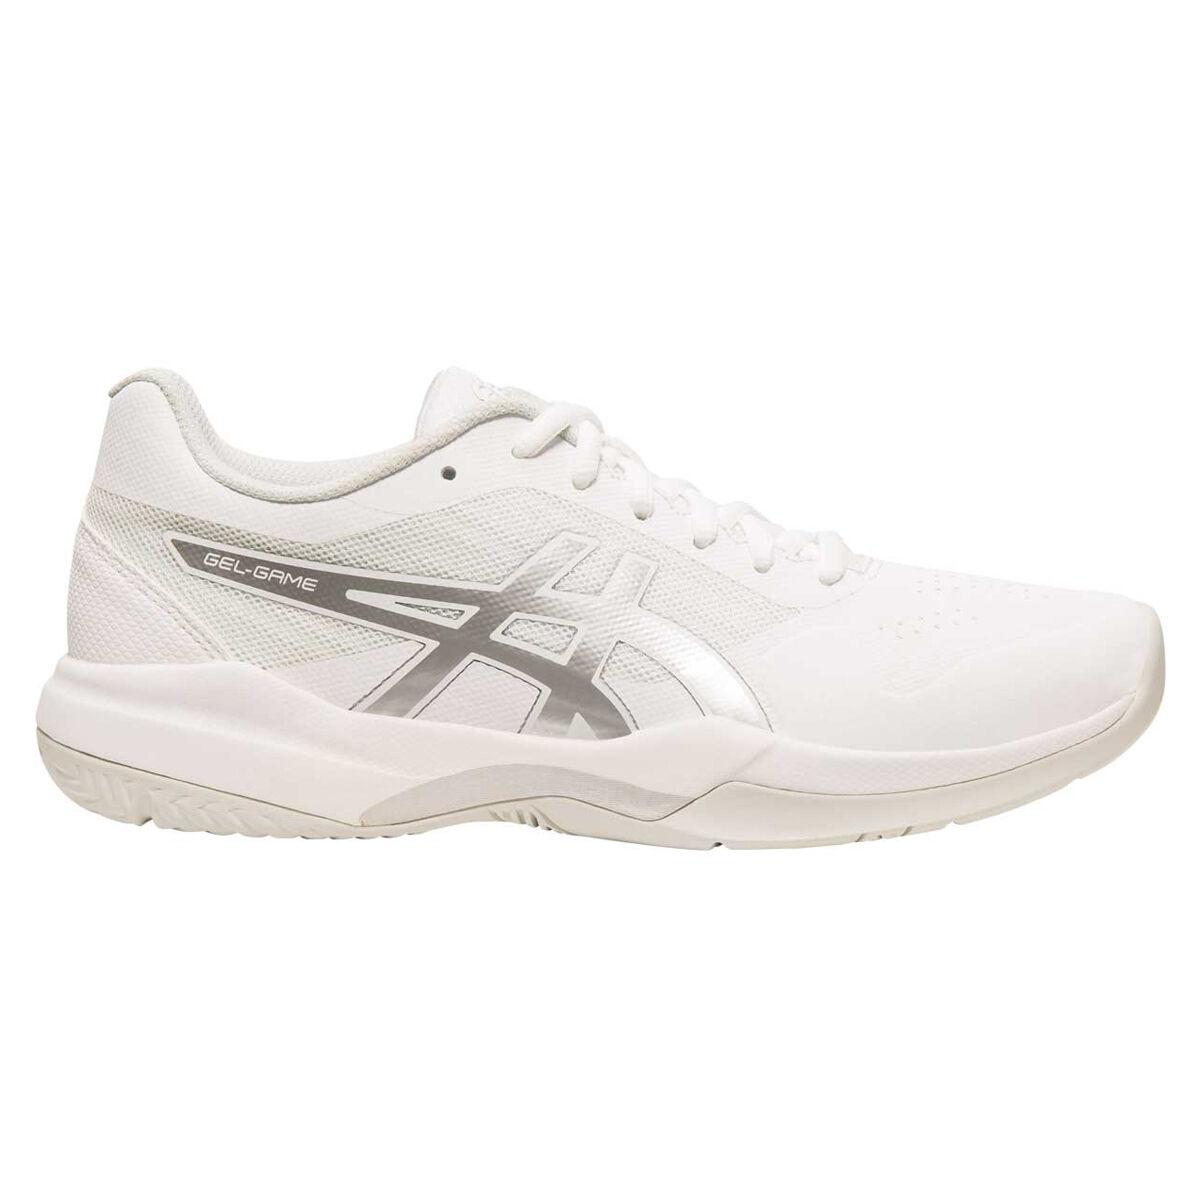 asics shoes melbourne